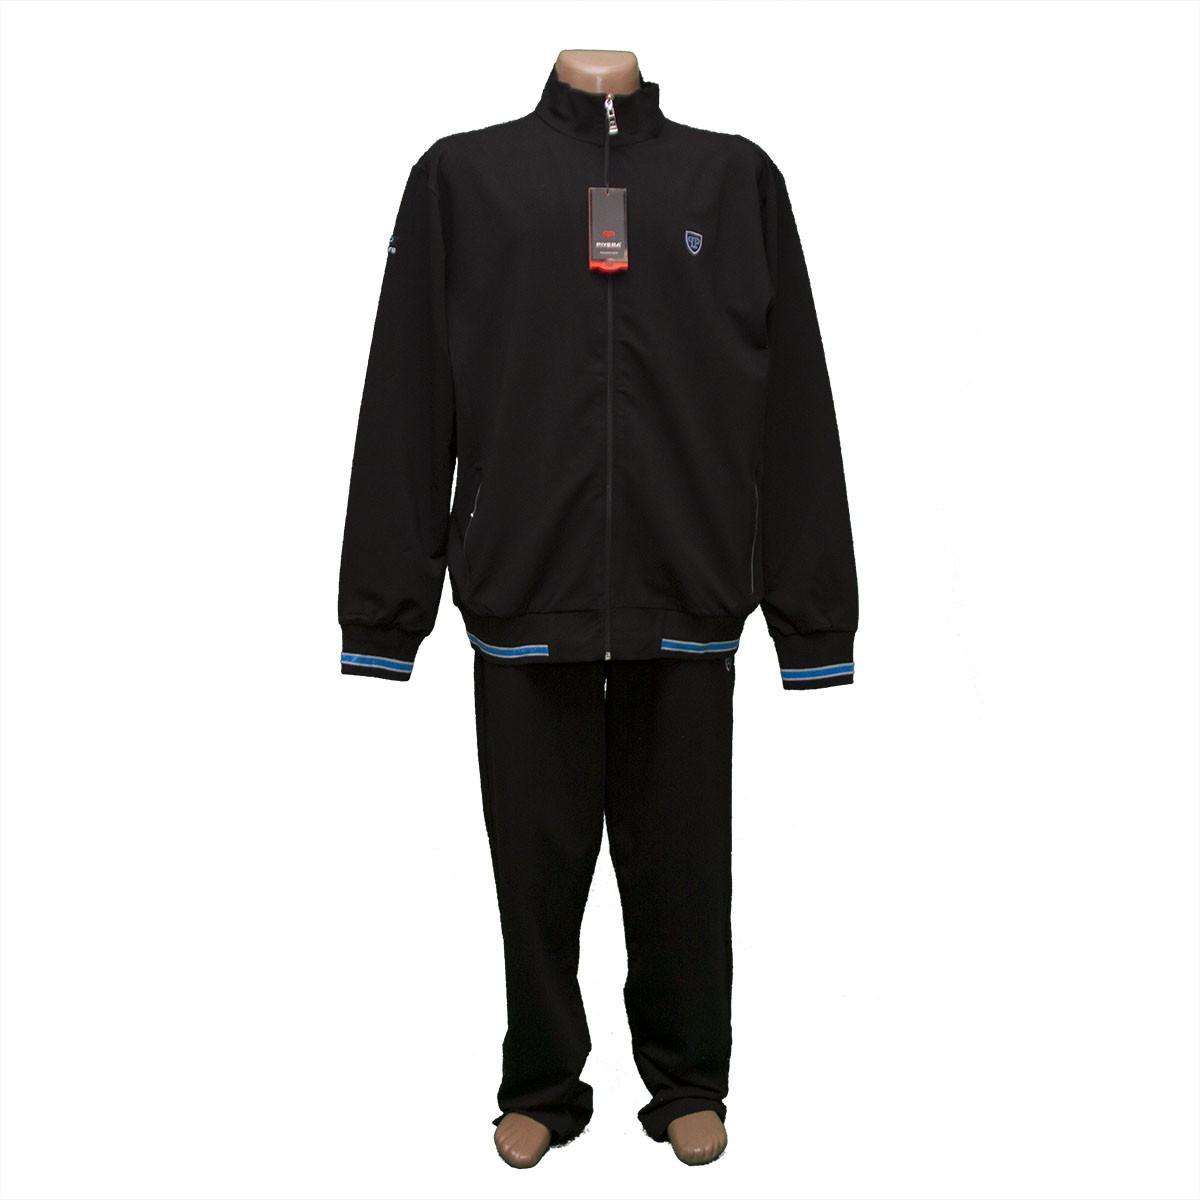 Чоловічі спортивні костюми великих розмірів т. м. PIYERA 7165G-3